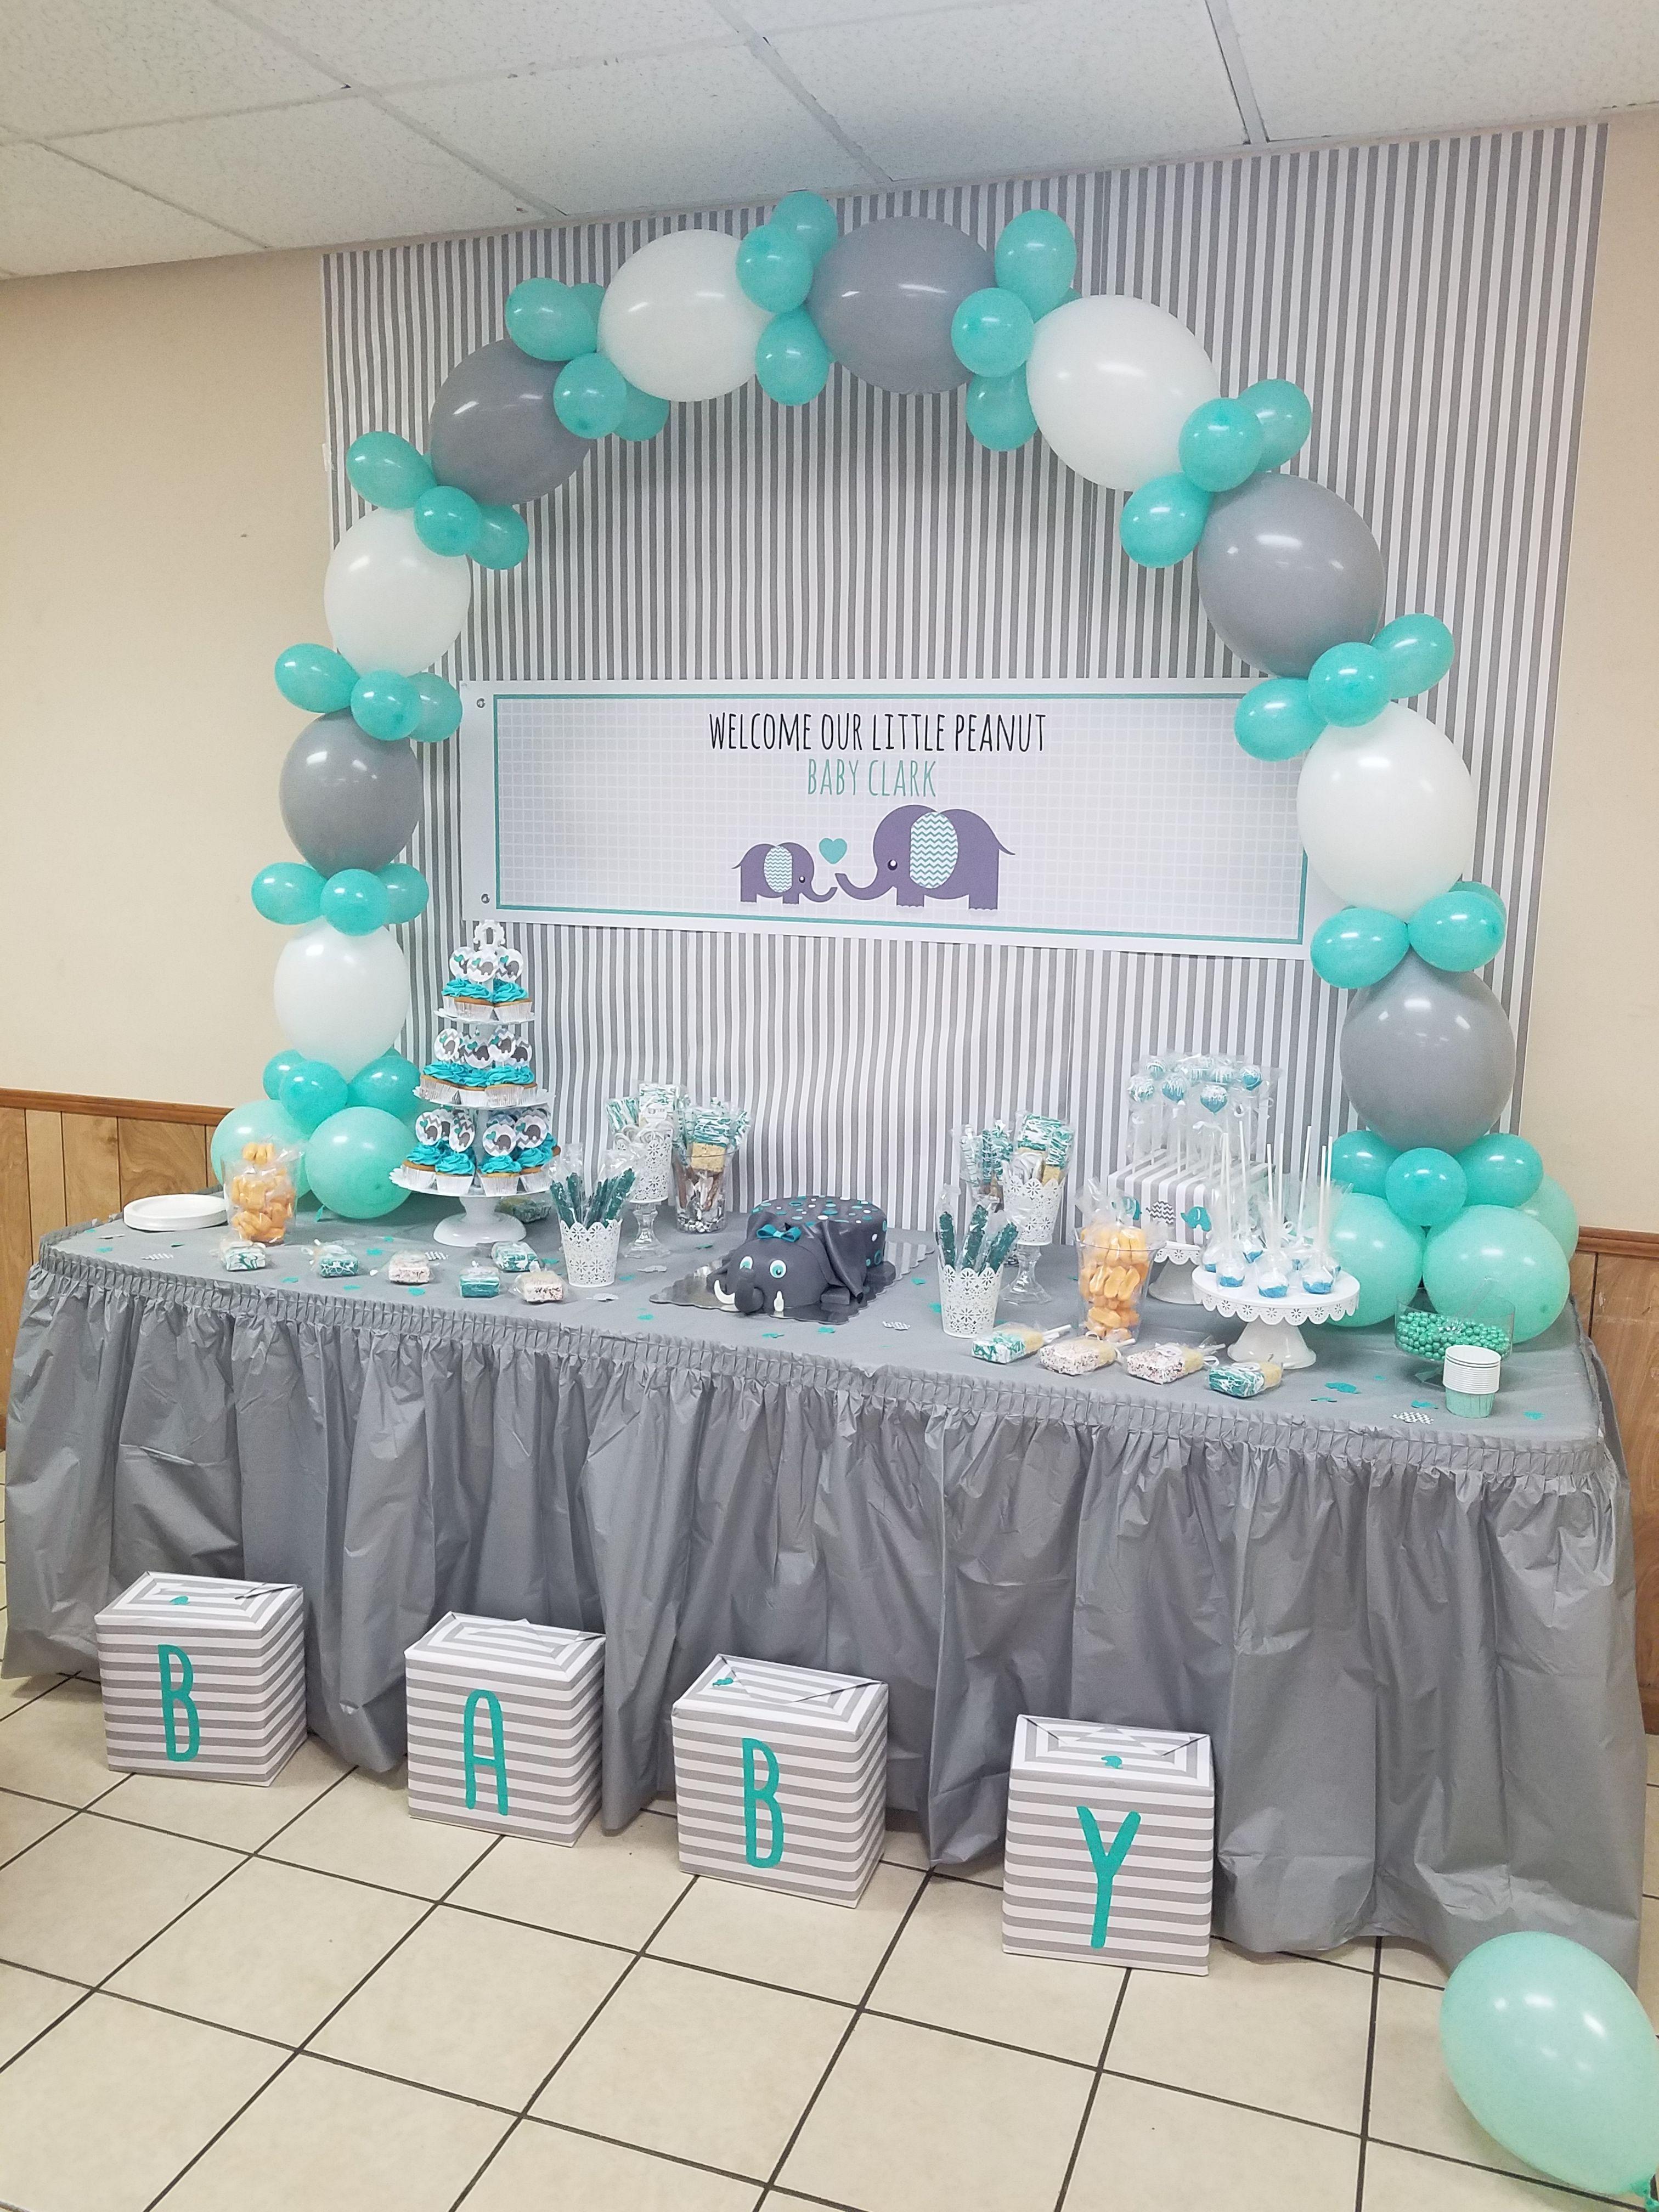 71 ideas de Baby shower niño | decoración de fiesta